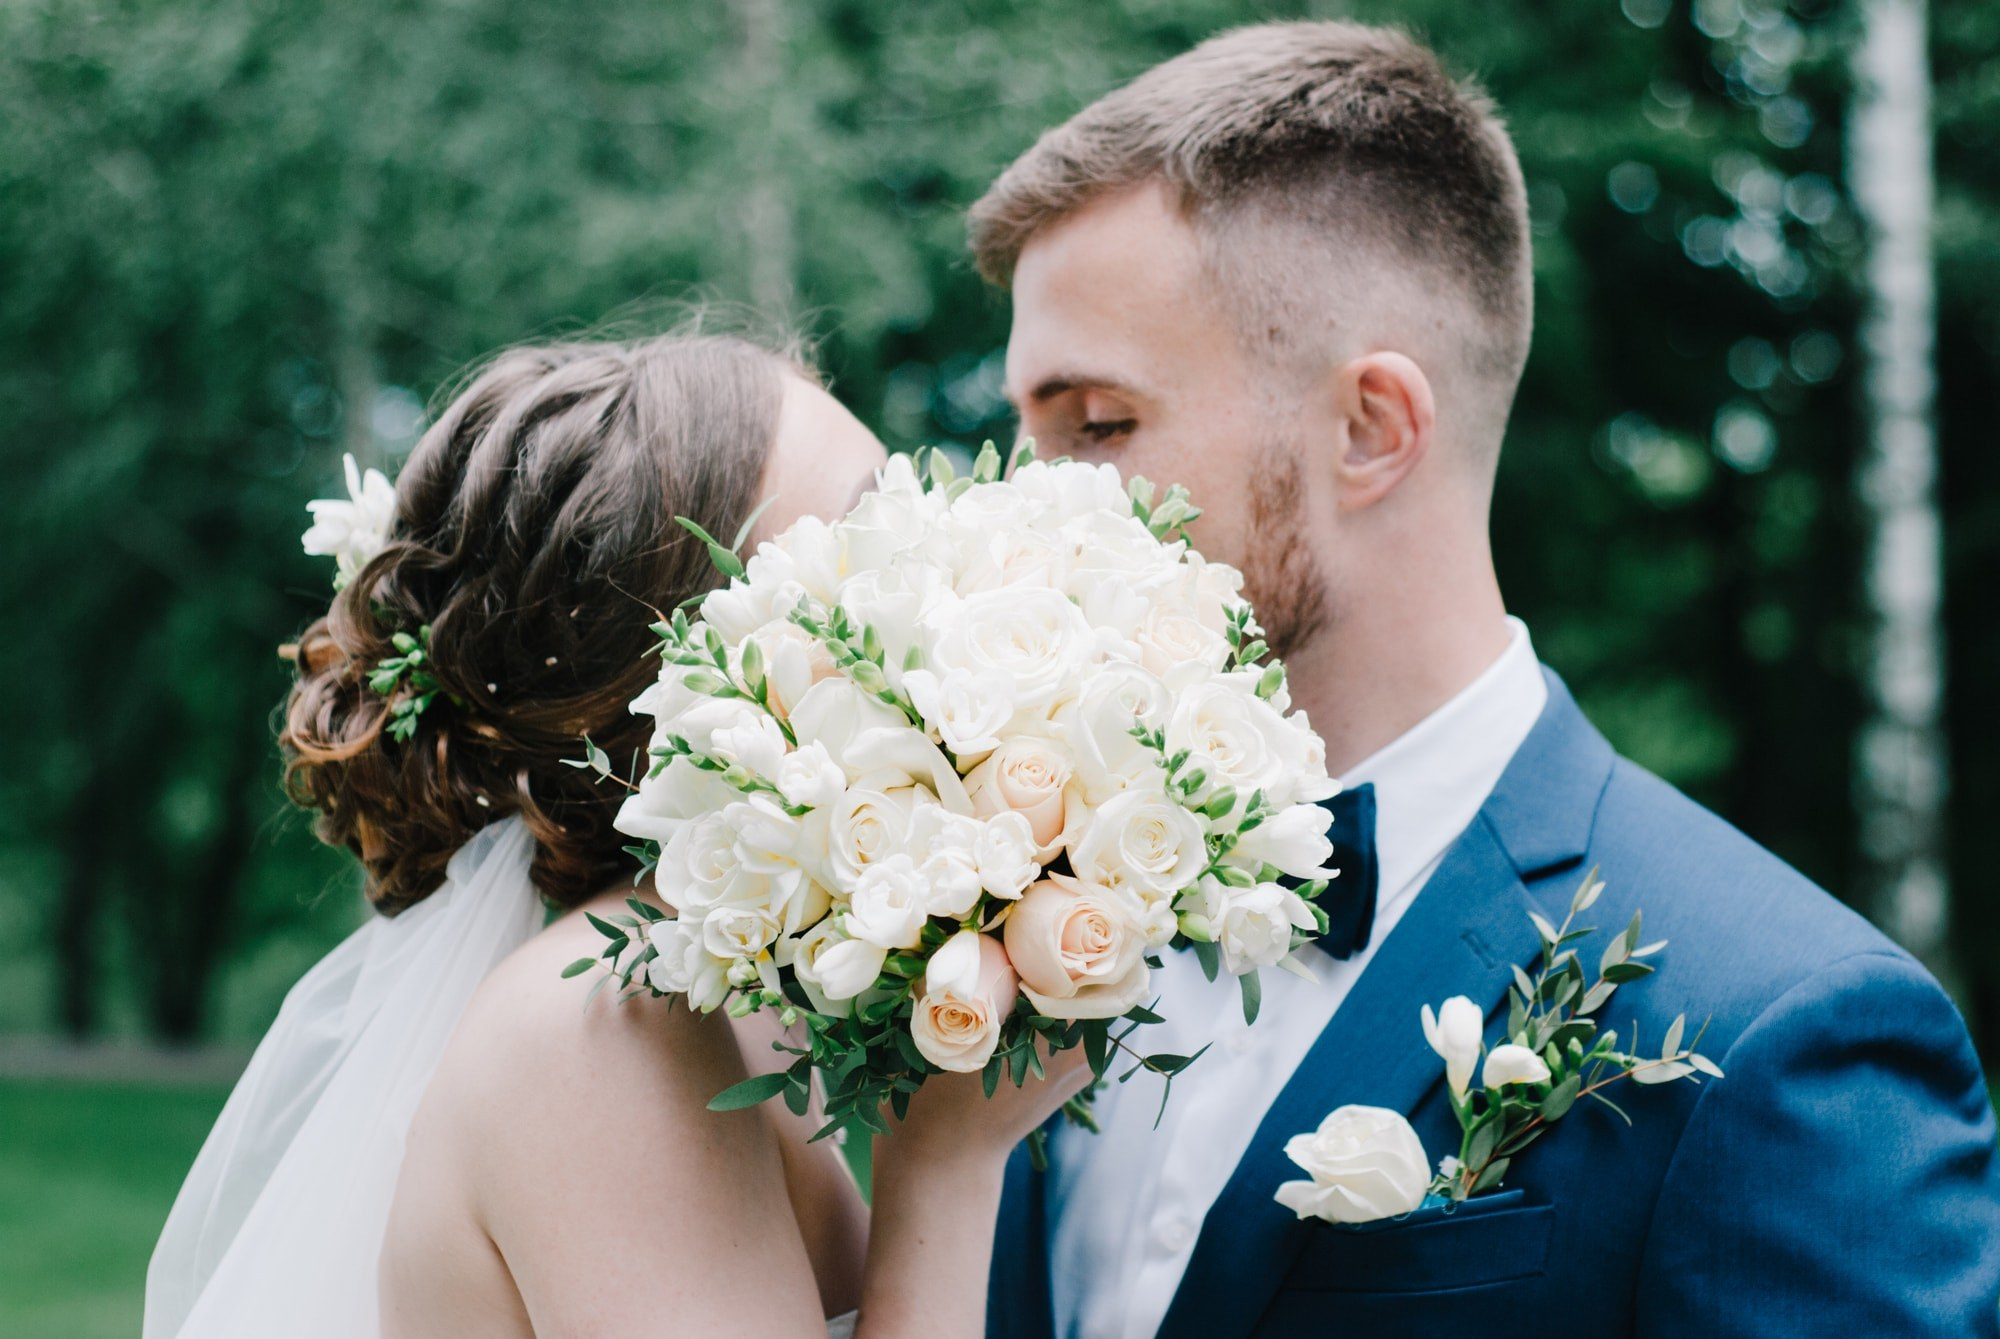 Влюбленные целуются прикрываясь букетом - Фотограф Киев - Женя Лайт